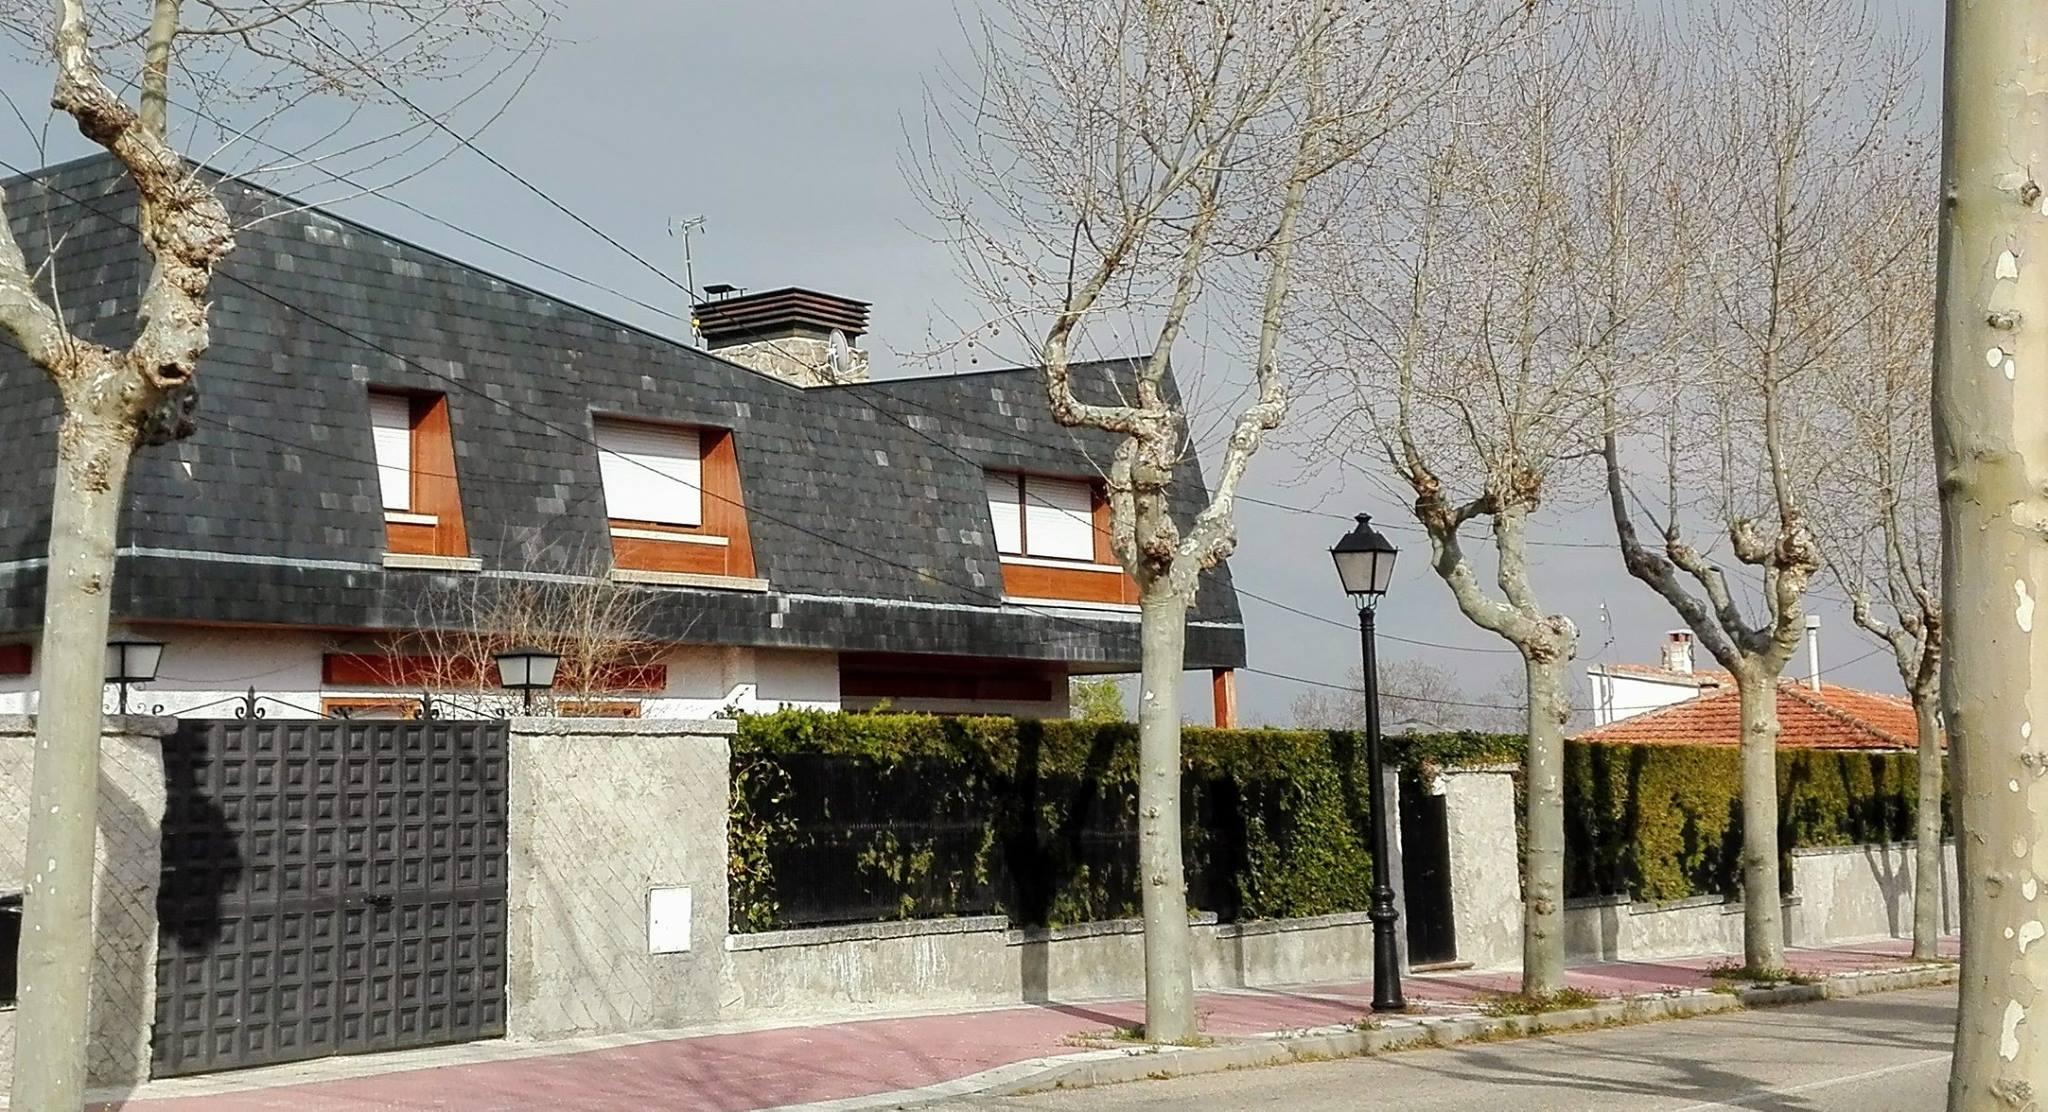 Instalación de ventanas de PVC imitación madera - Ventanas San Miguel